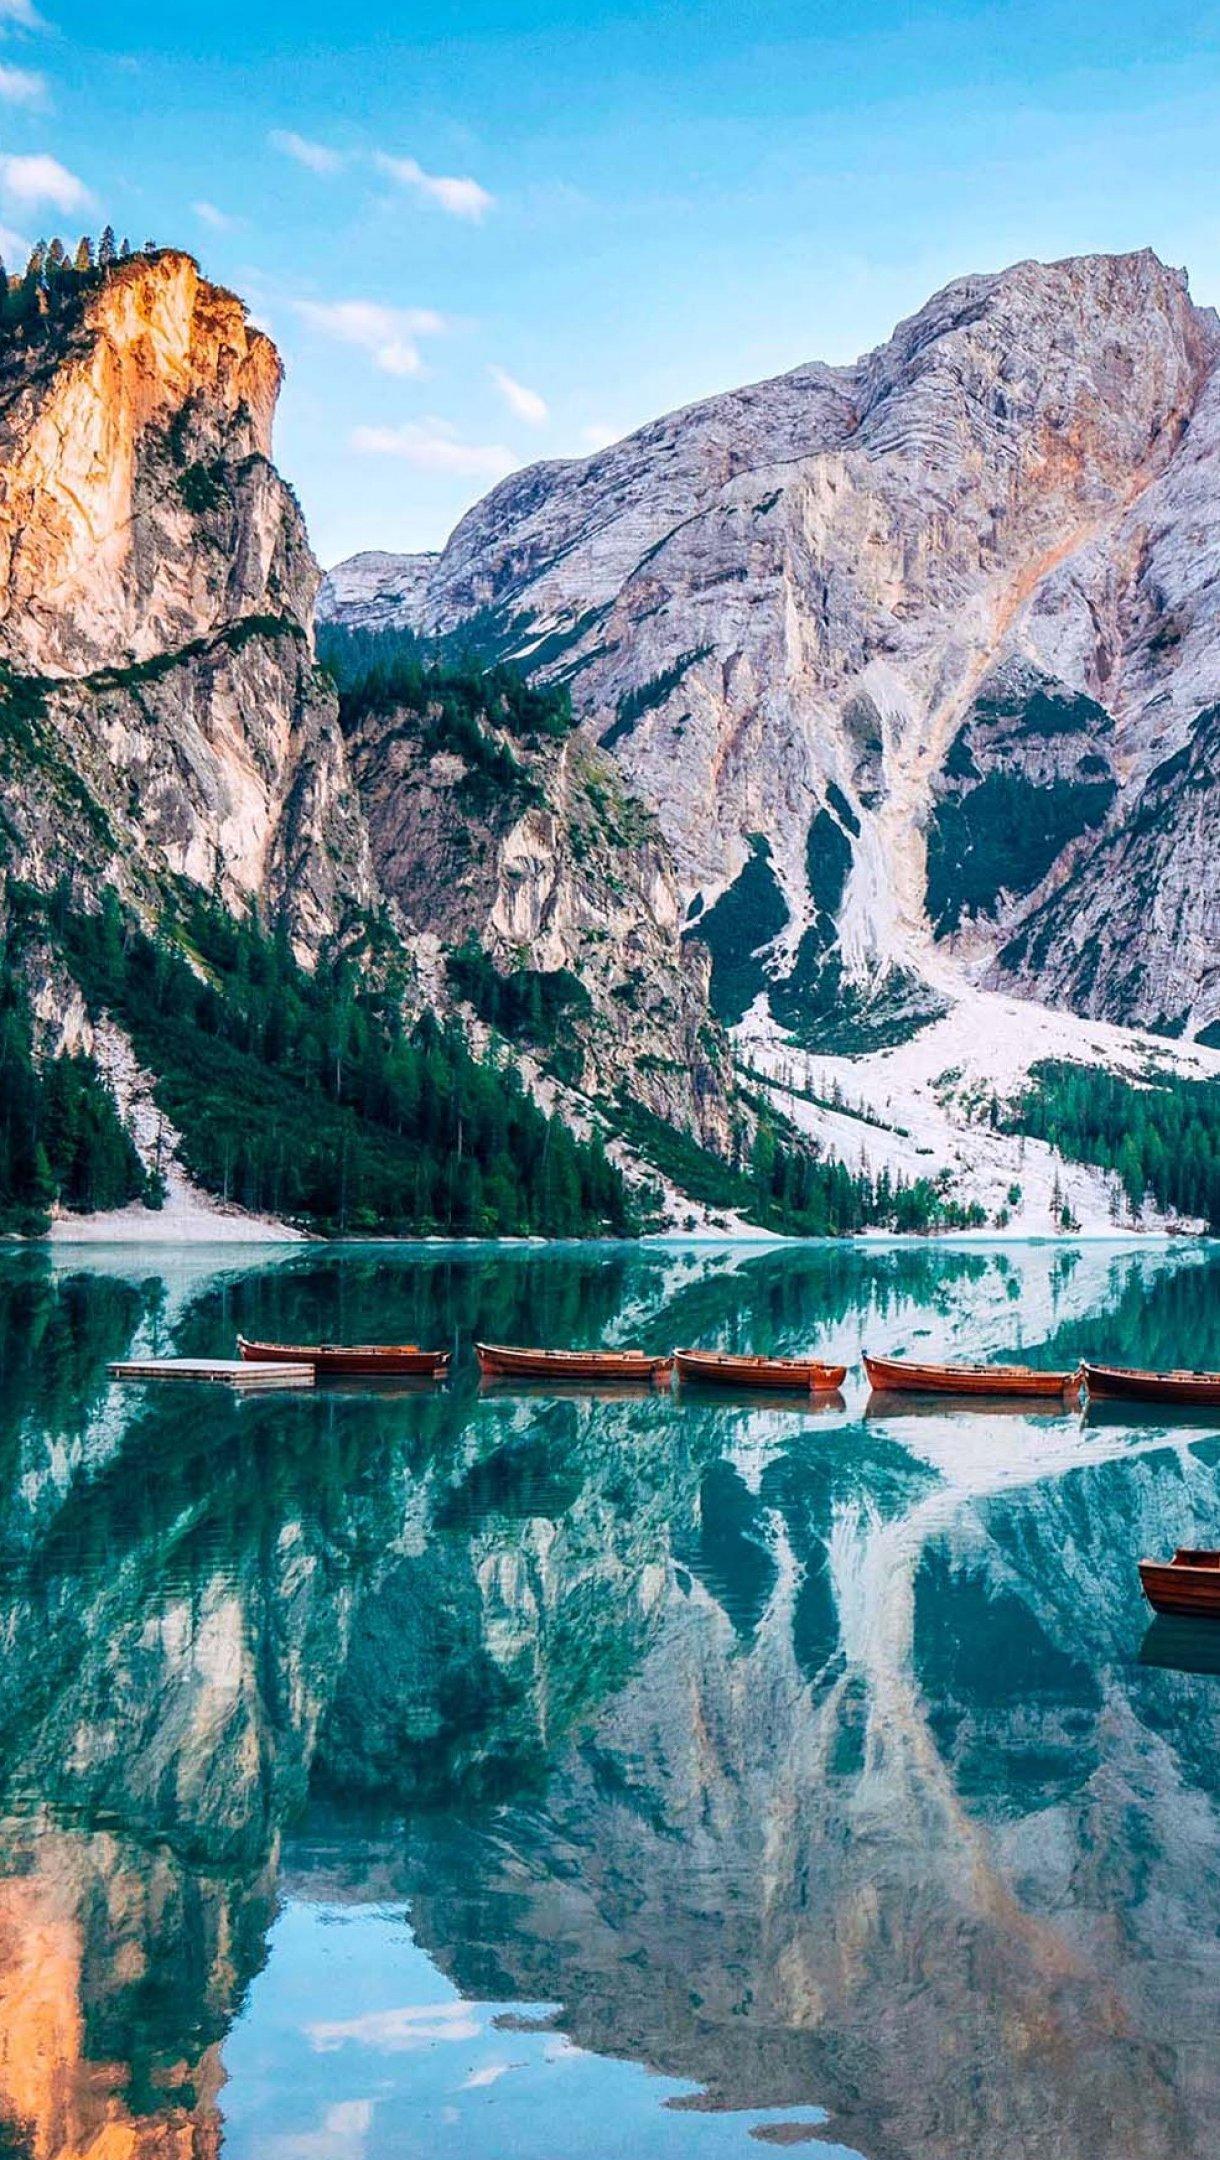 Fondos de pantalla Lago Prags en Italia Vertical